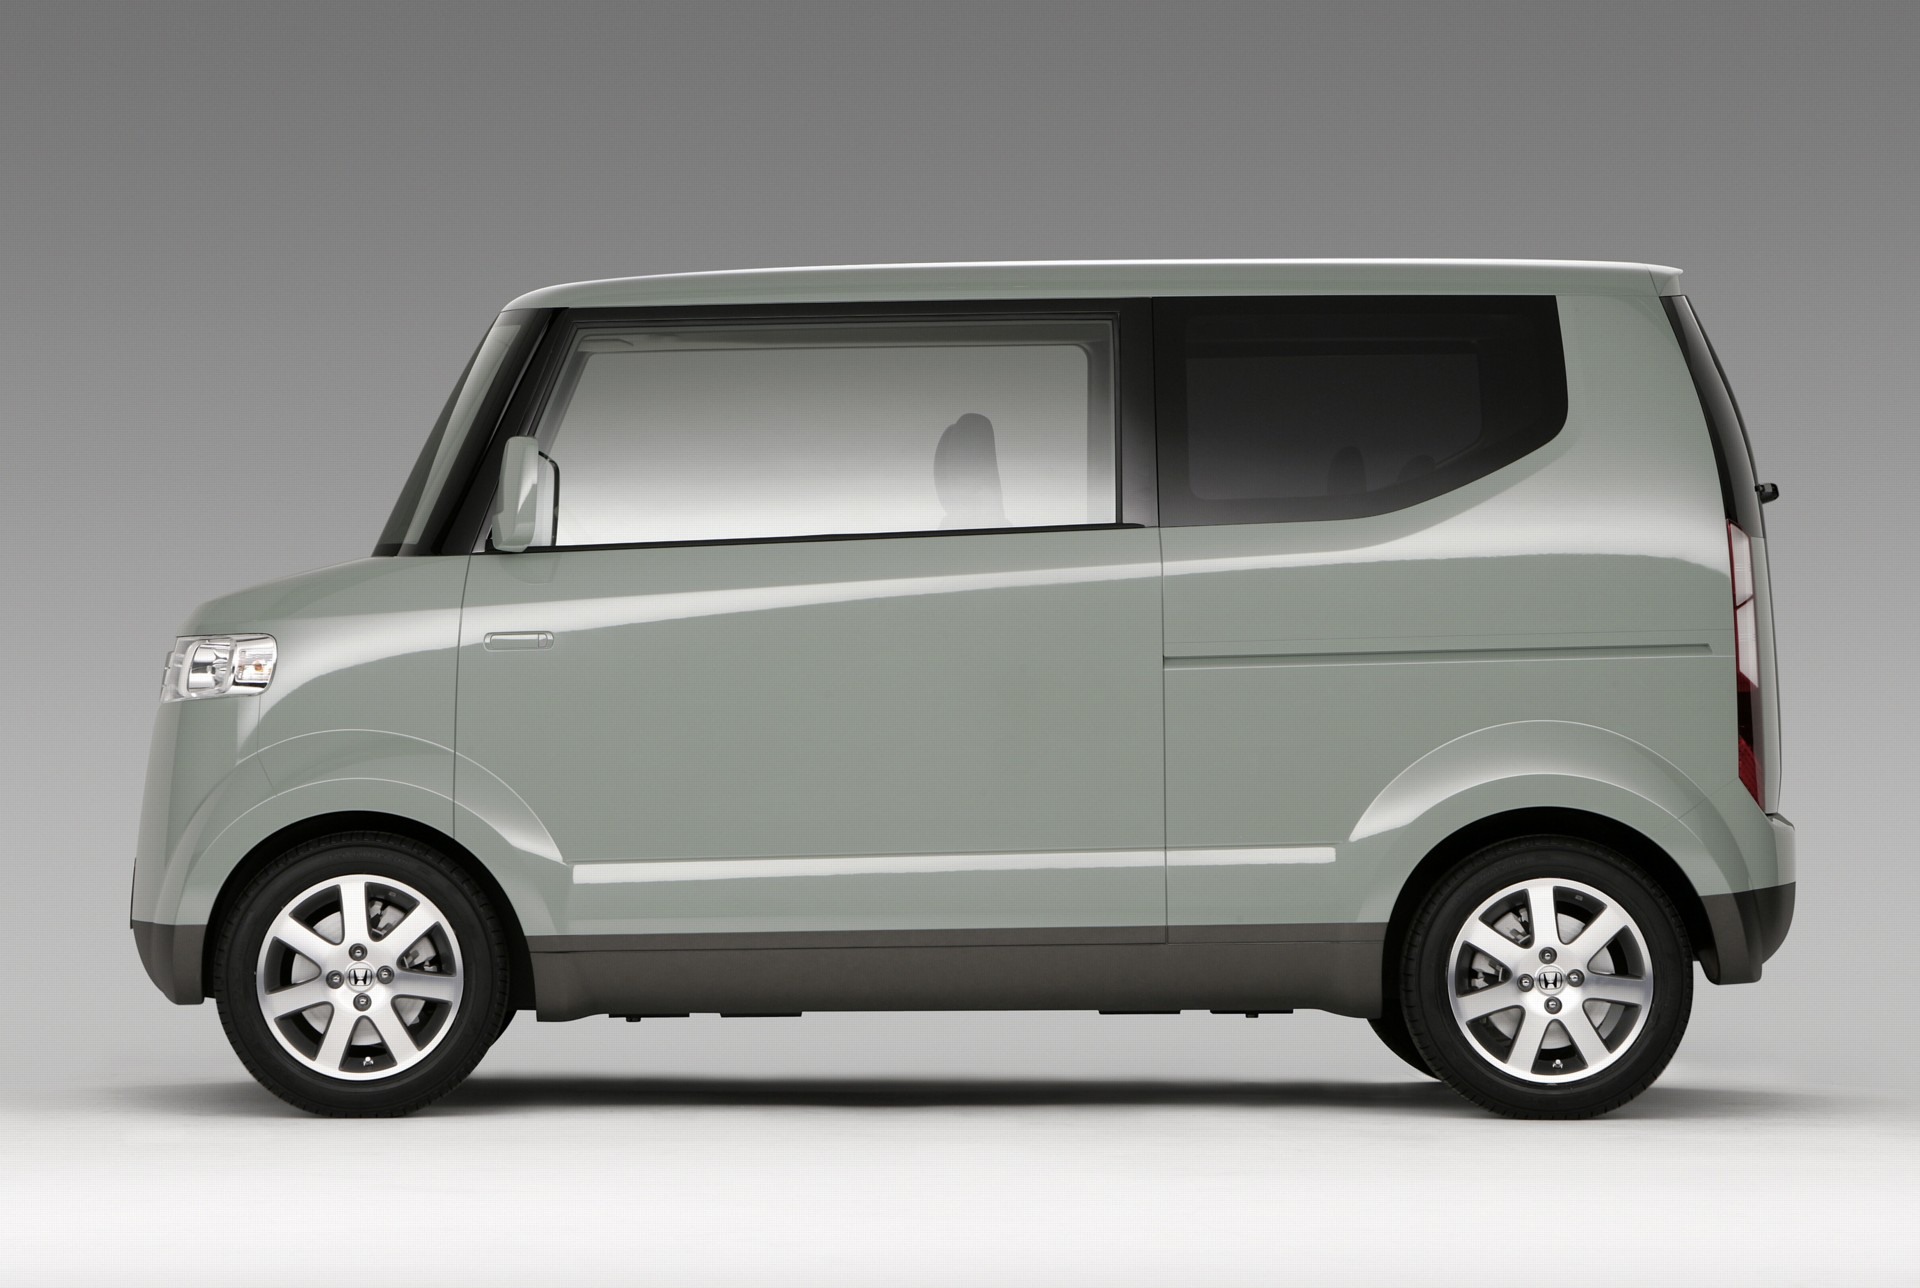 2007 Honda Step Bus Concept